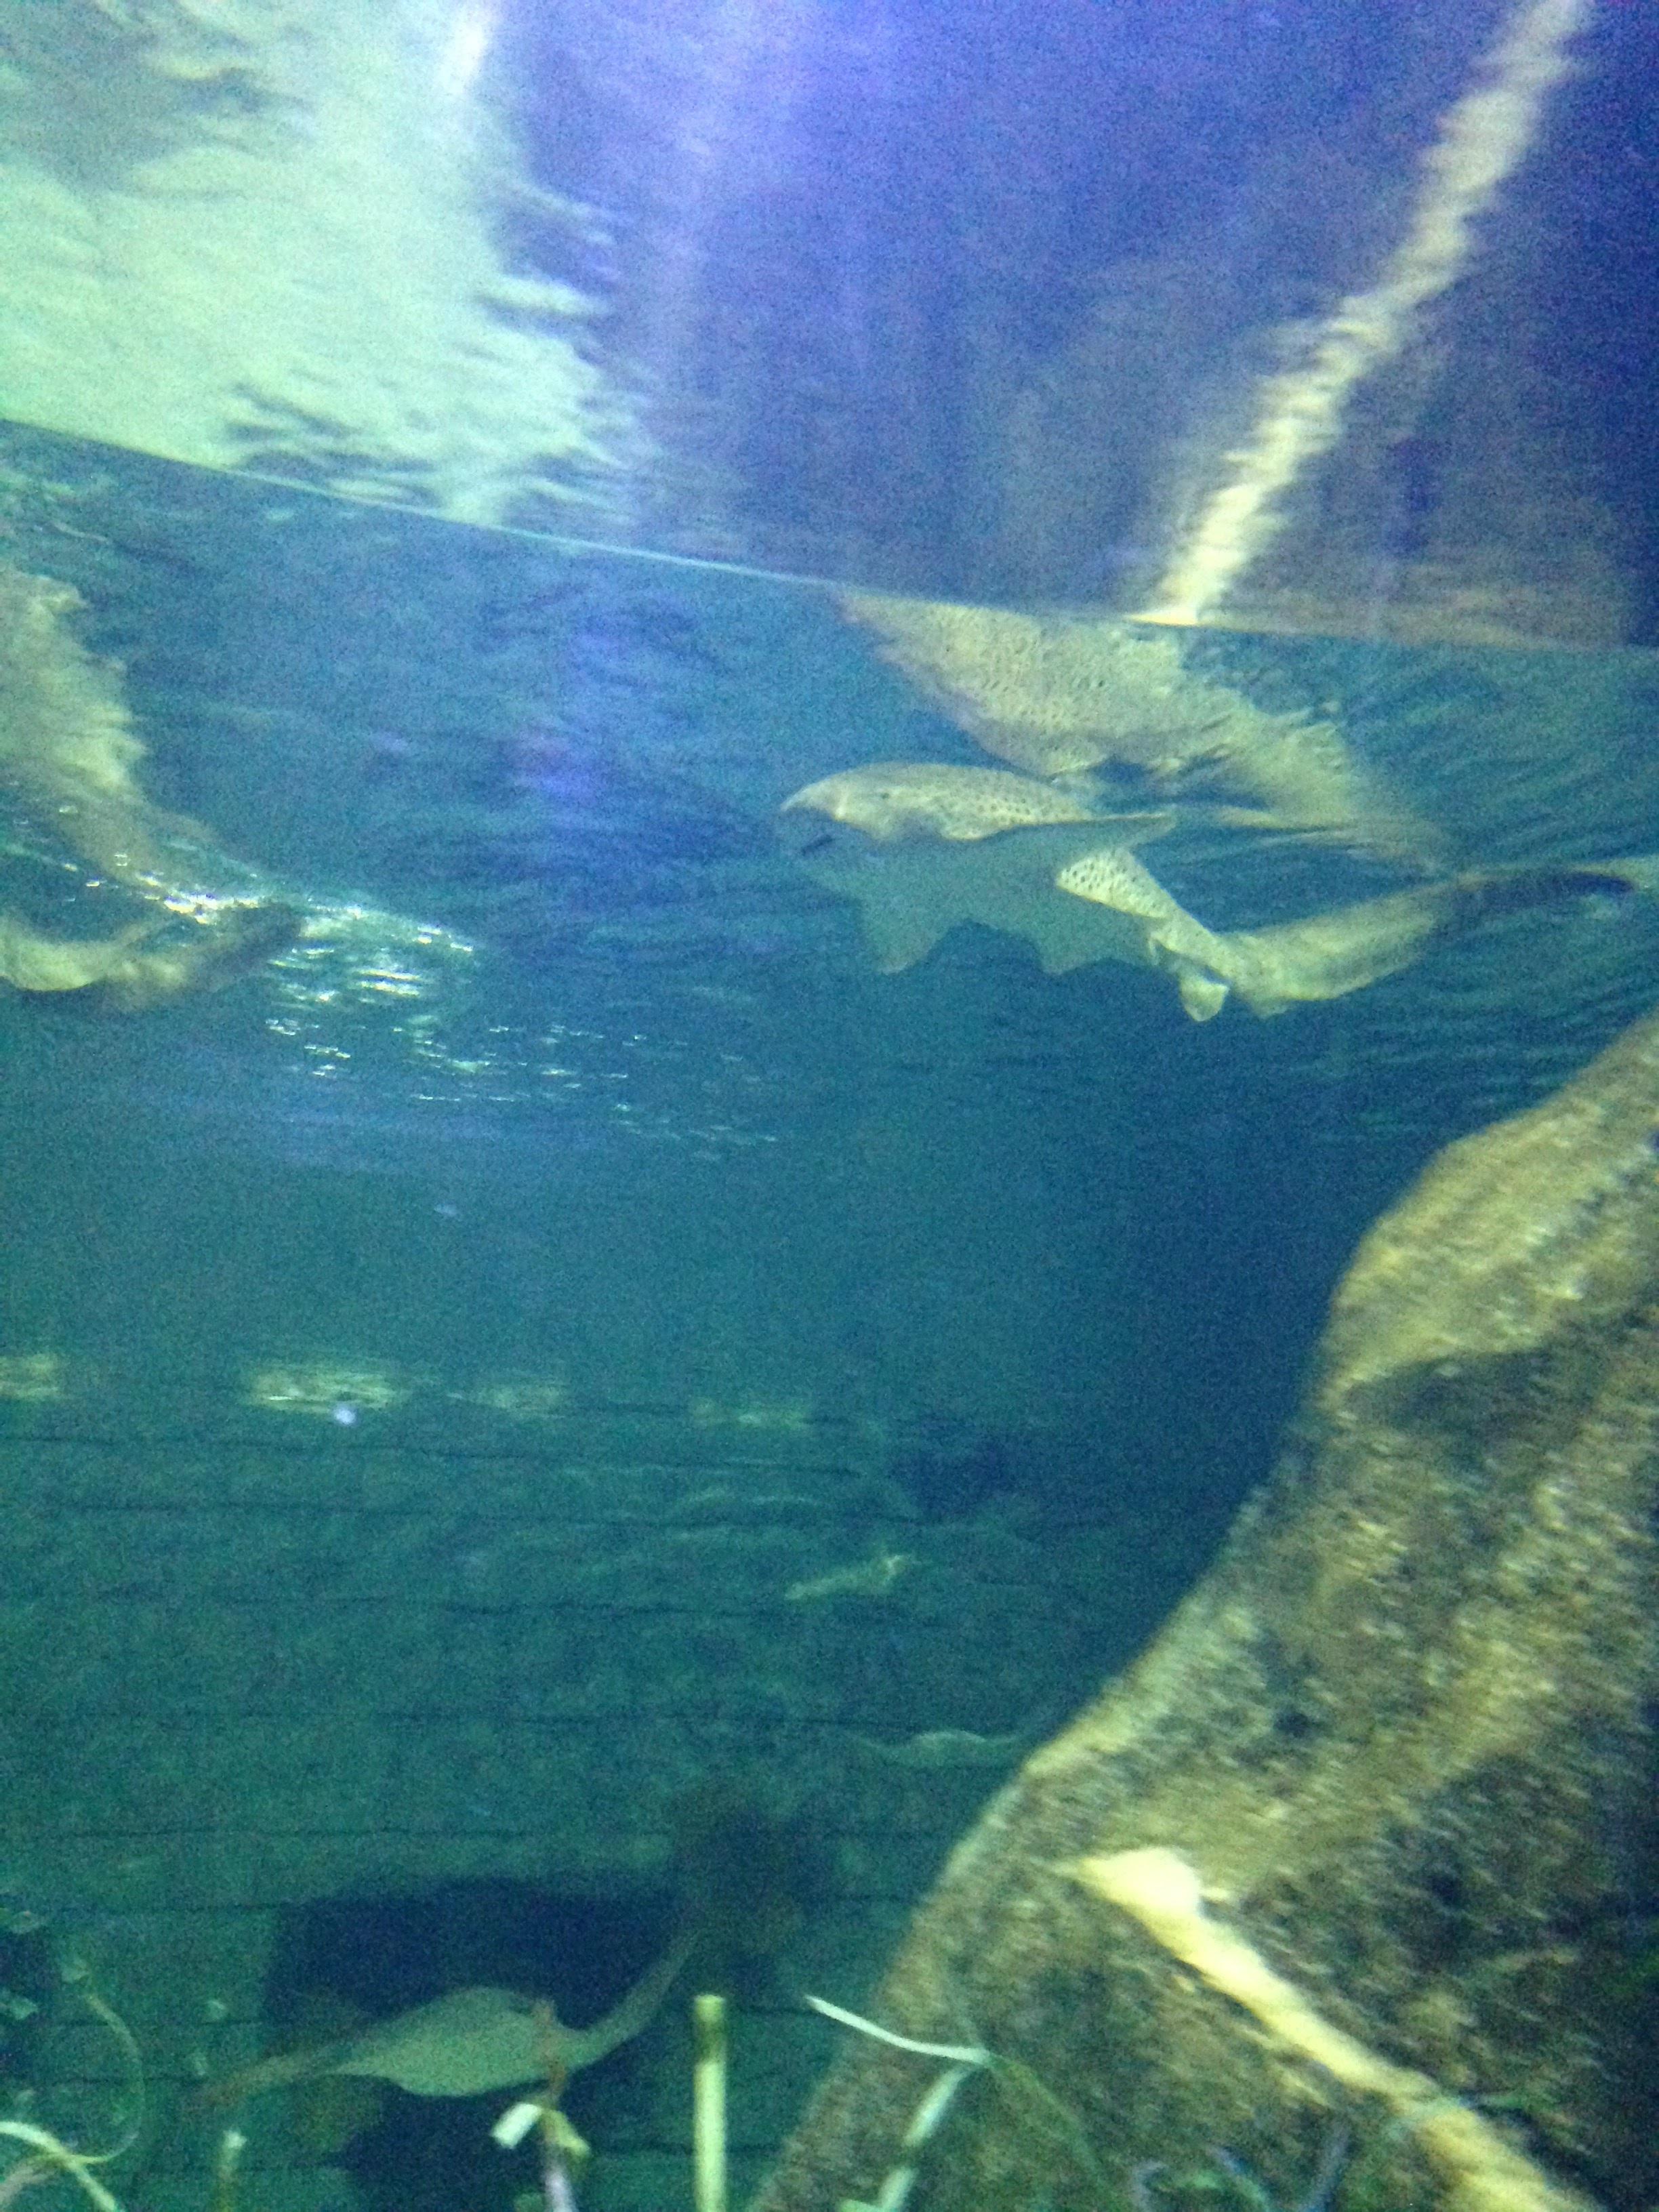 SeaWorld-Shark.jpg